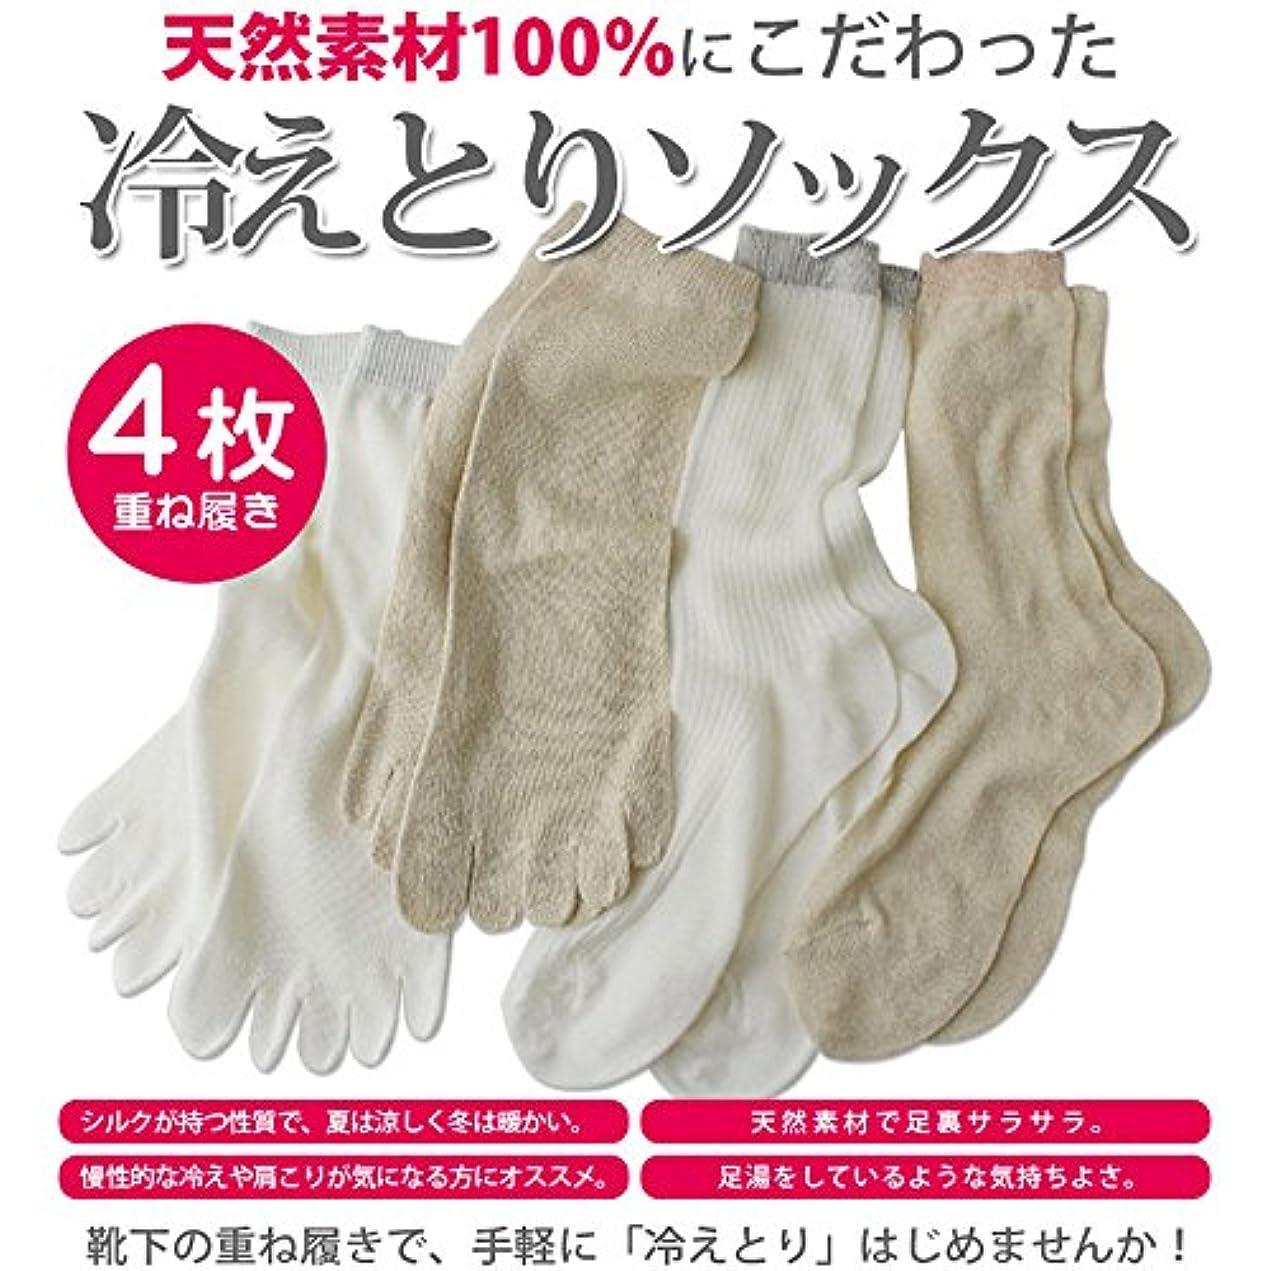 検出器大いに同意する冷え取り靴下 綿100%とシルク100% 呼吸ソックス 4枚重ねばきであったか 4枚セット